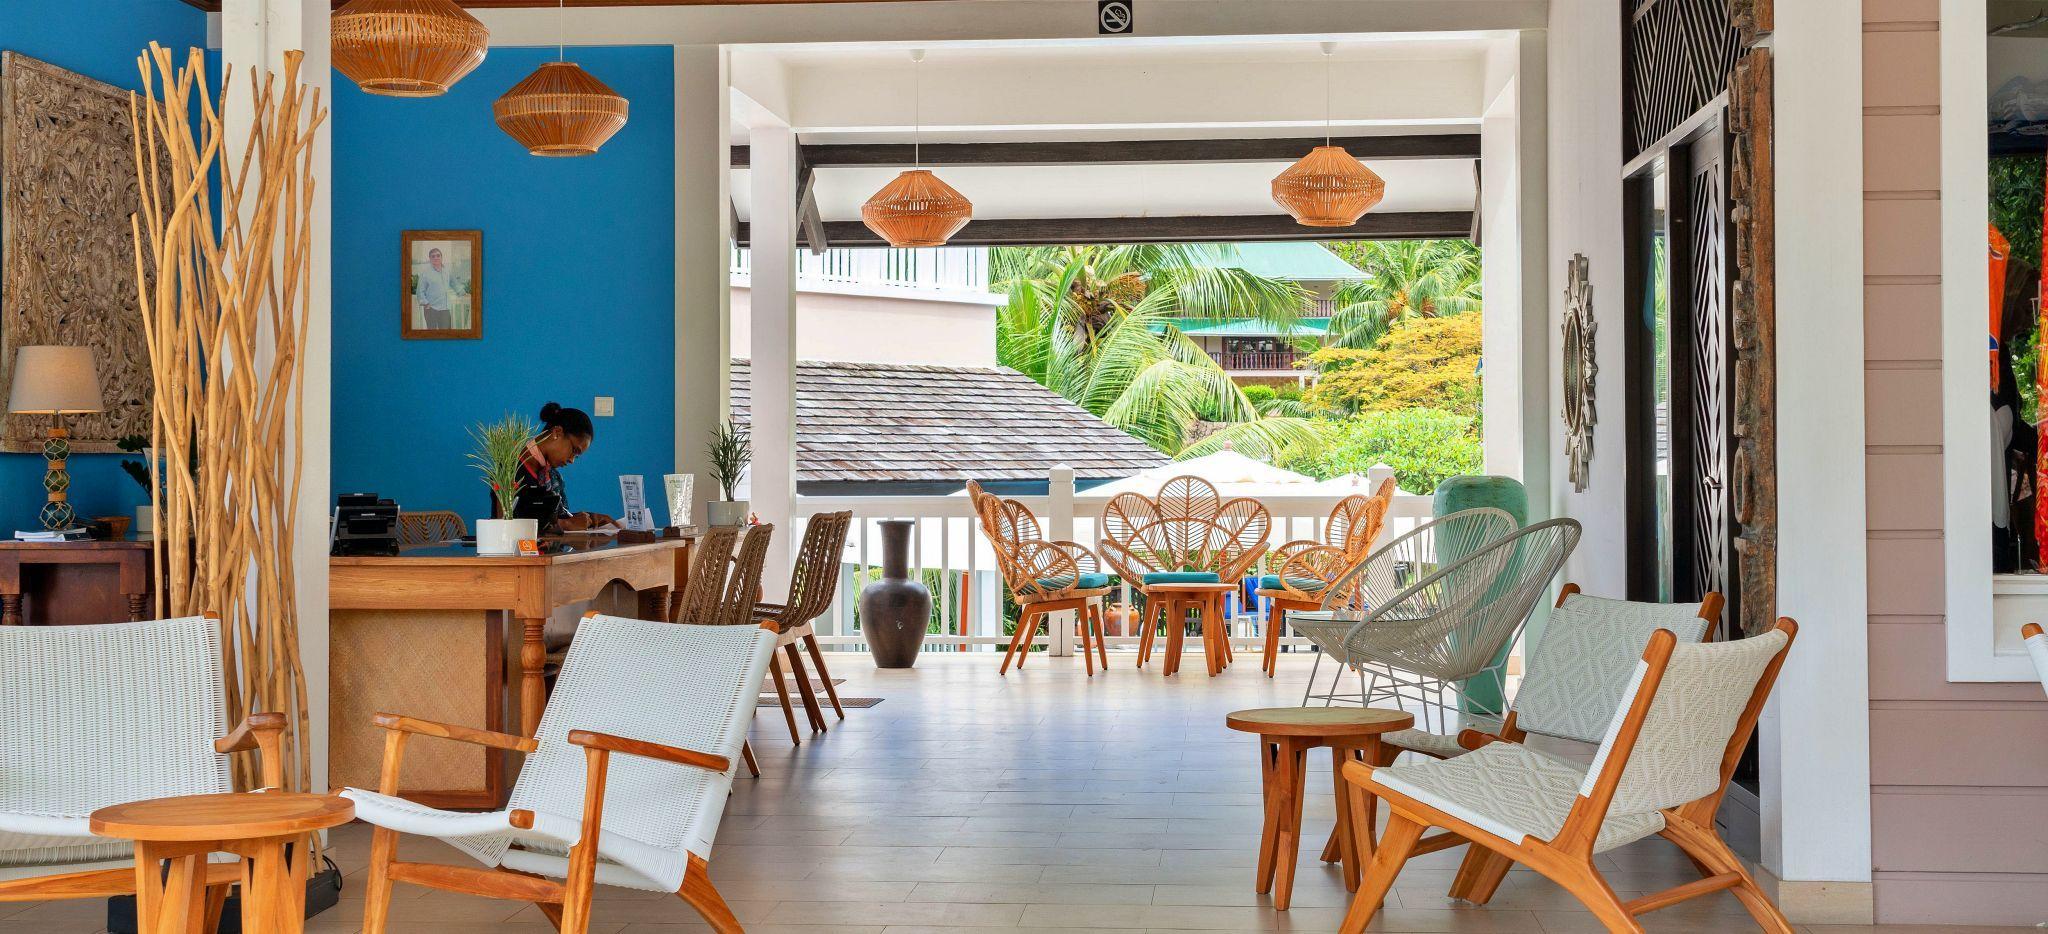 Eine Hotelrezeption mit mehreren gemütlichen Sitzecken, hell erleuchtet. Im Hotel L'Archipel auf den Seychellen